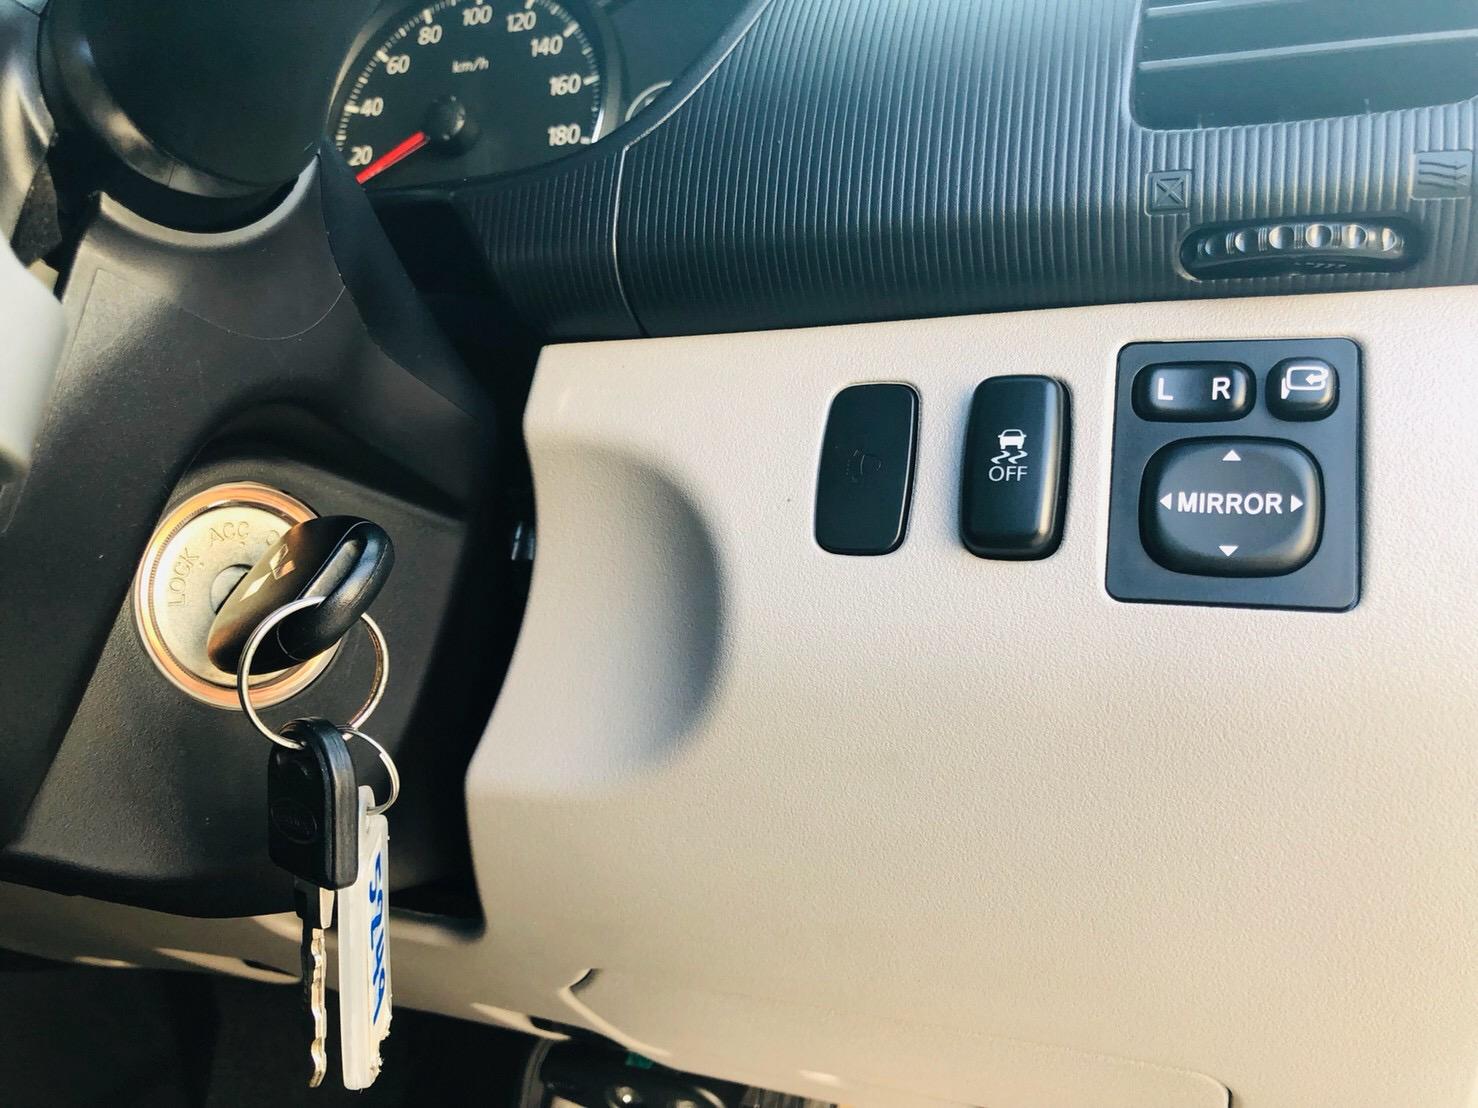 ภาพกุญแจ มิตซูบิชิ Pajero 2.5 GT 4WD ปี 2015